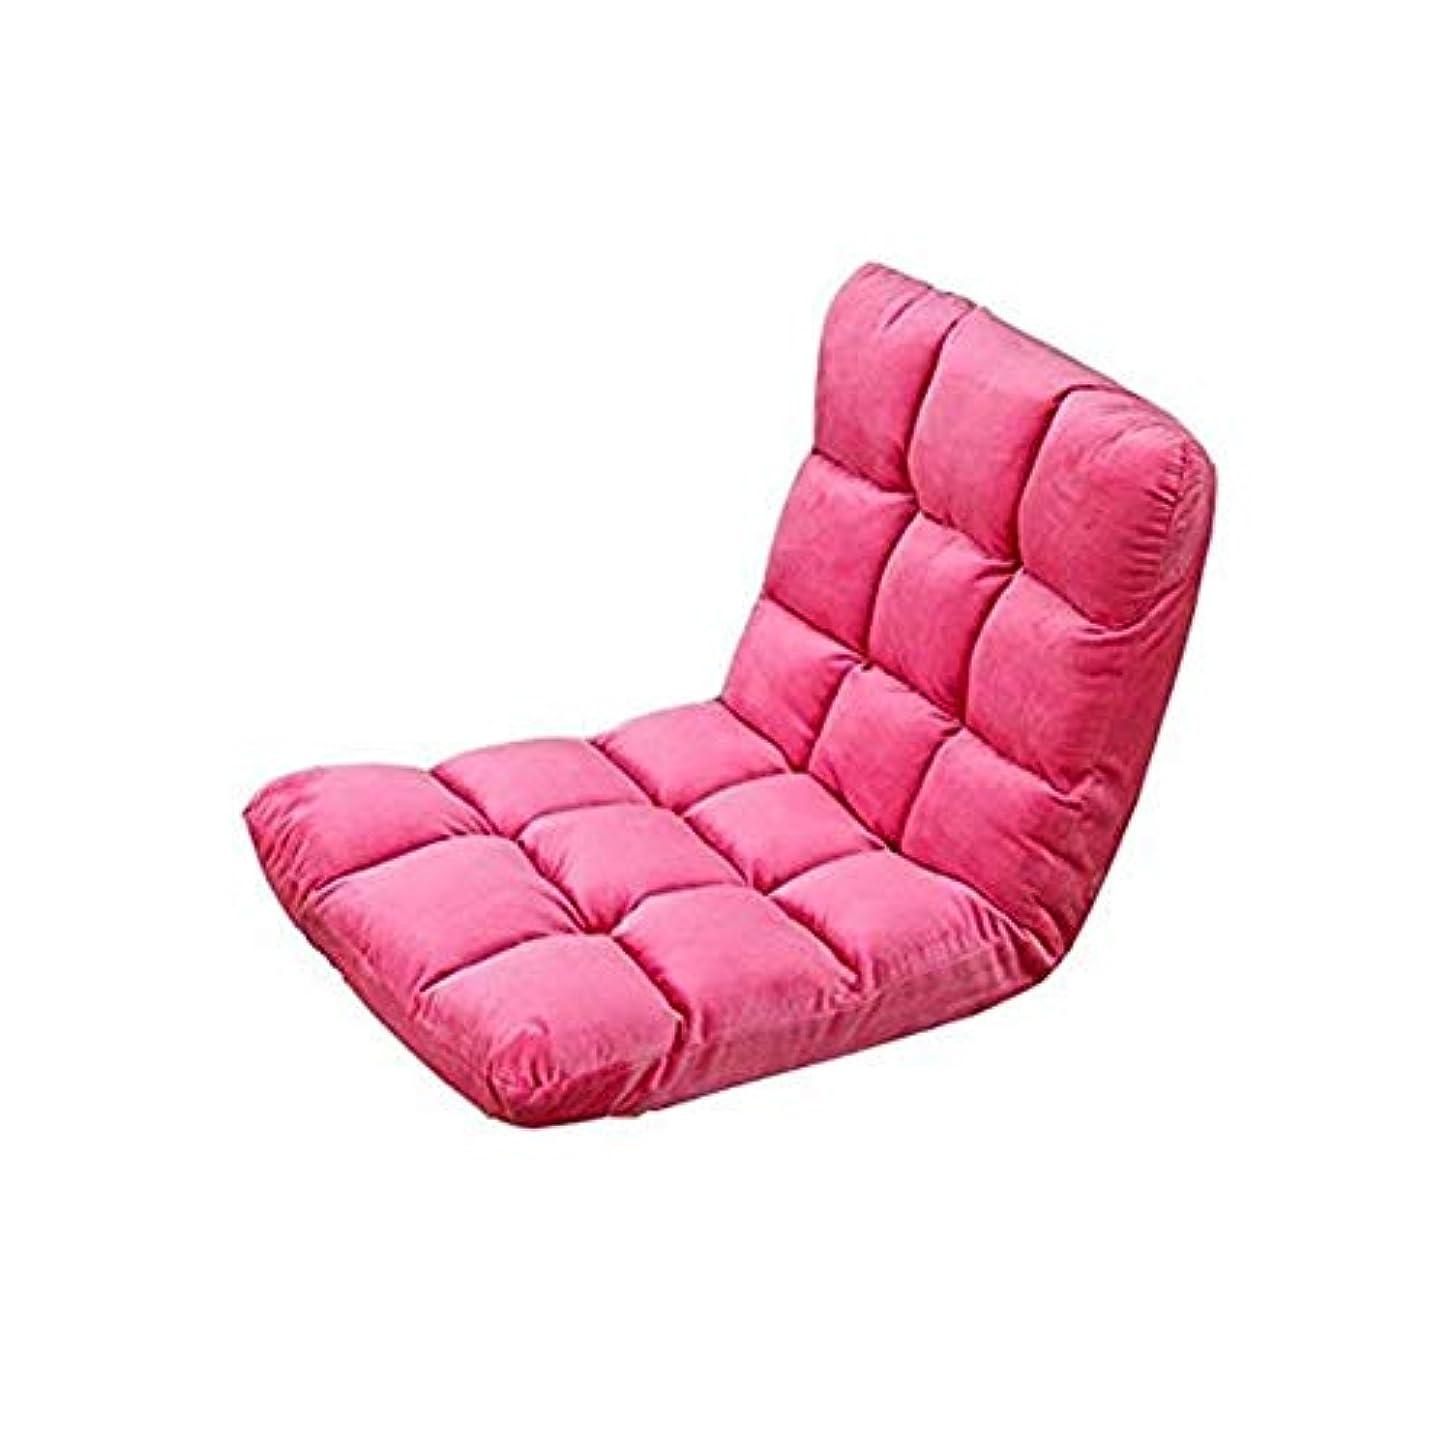 練習ずんぐりした強調瞑想椅子、折りたたみ椅子、調節可能な椅子、畳シングルチェア、背もたれ付きのベッドルームベイウィンドウ日本の椅子、怠zyなソファゲームチェア (Color : ピンク)